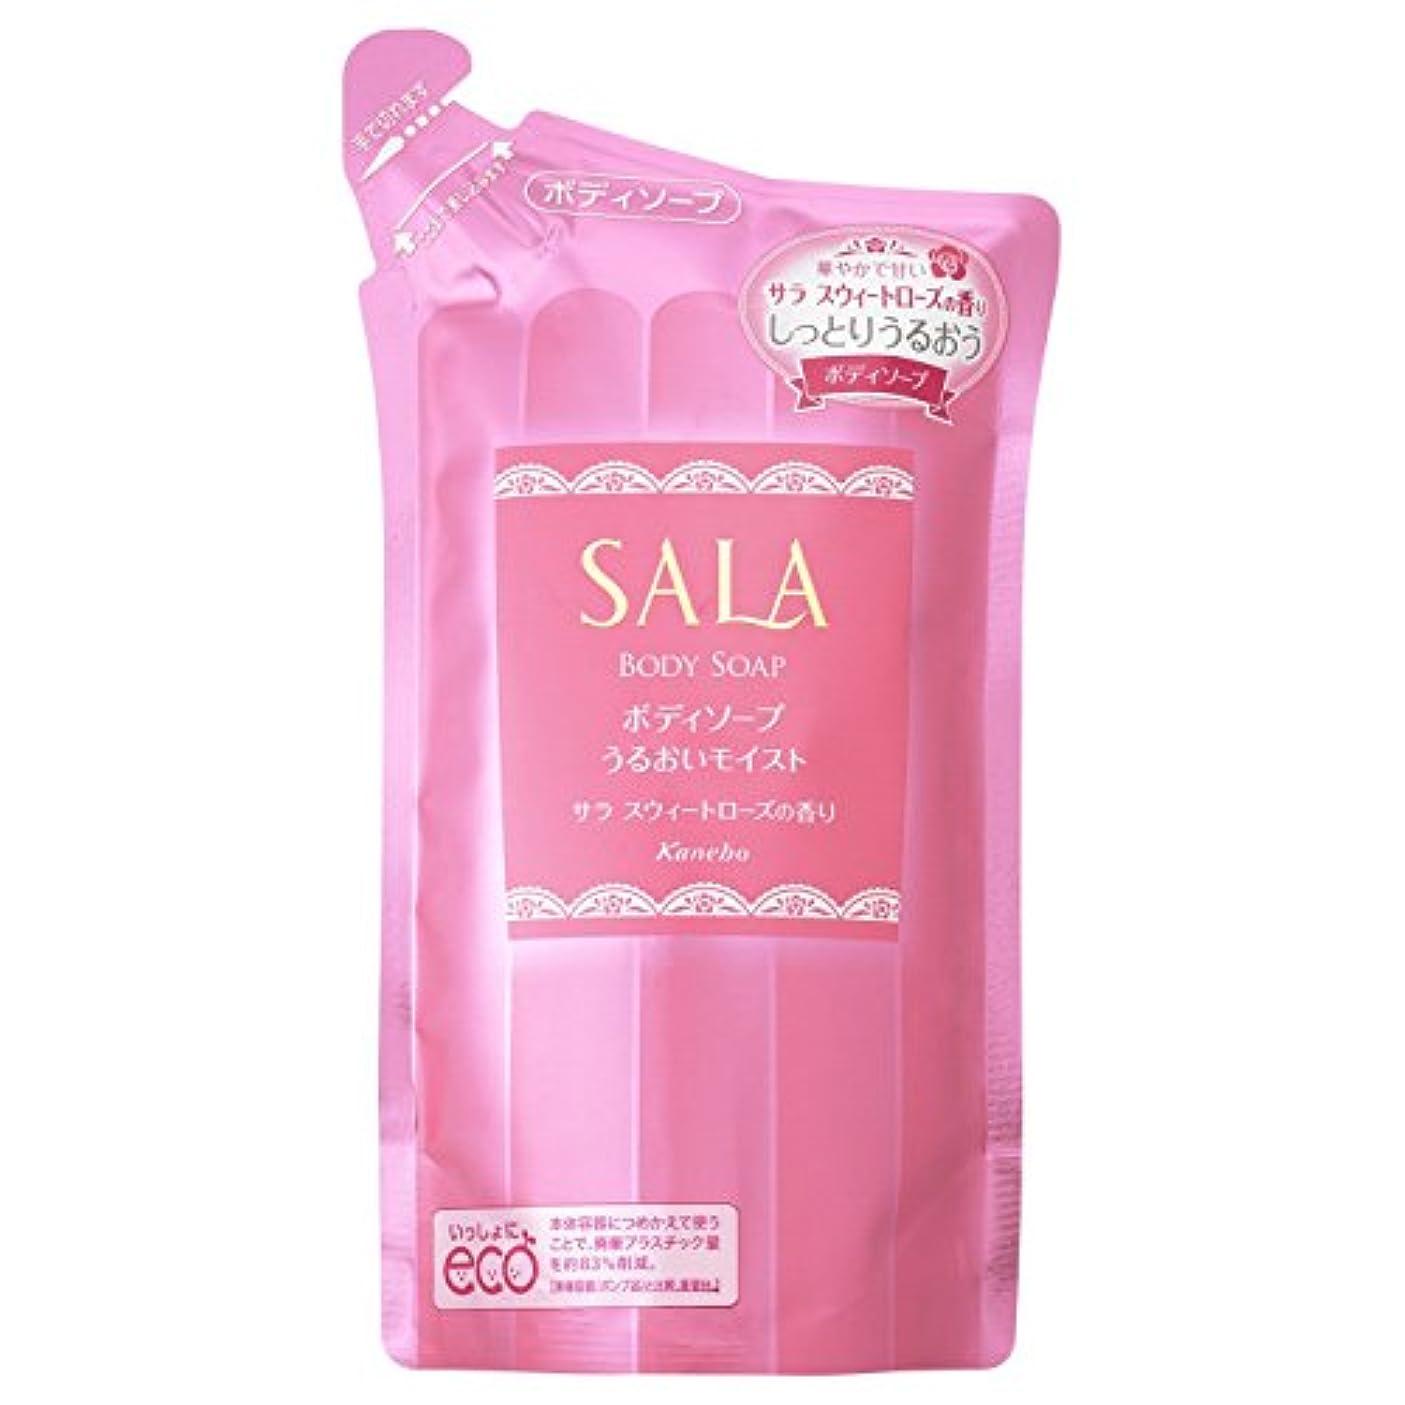 忠実に孤独お客様サラ ボディソープ うるおいモイスト つめかえ用 サラスウィートローズの香り